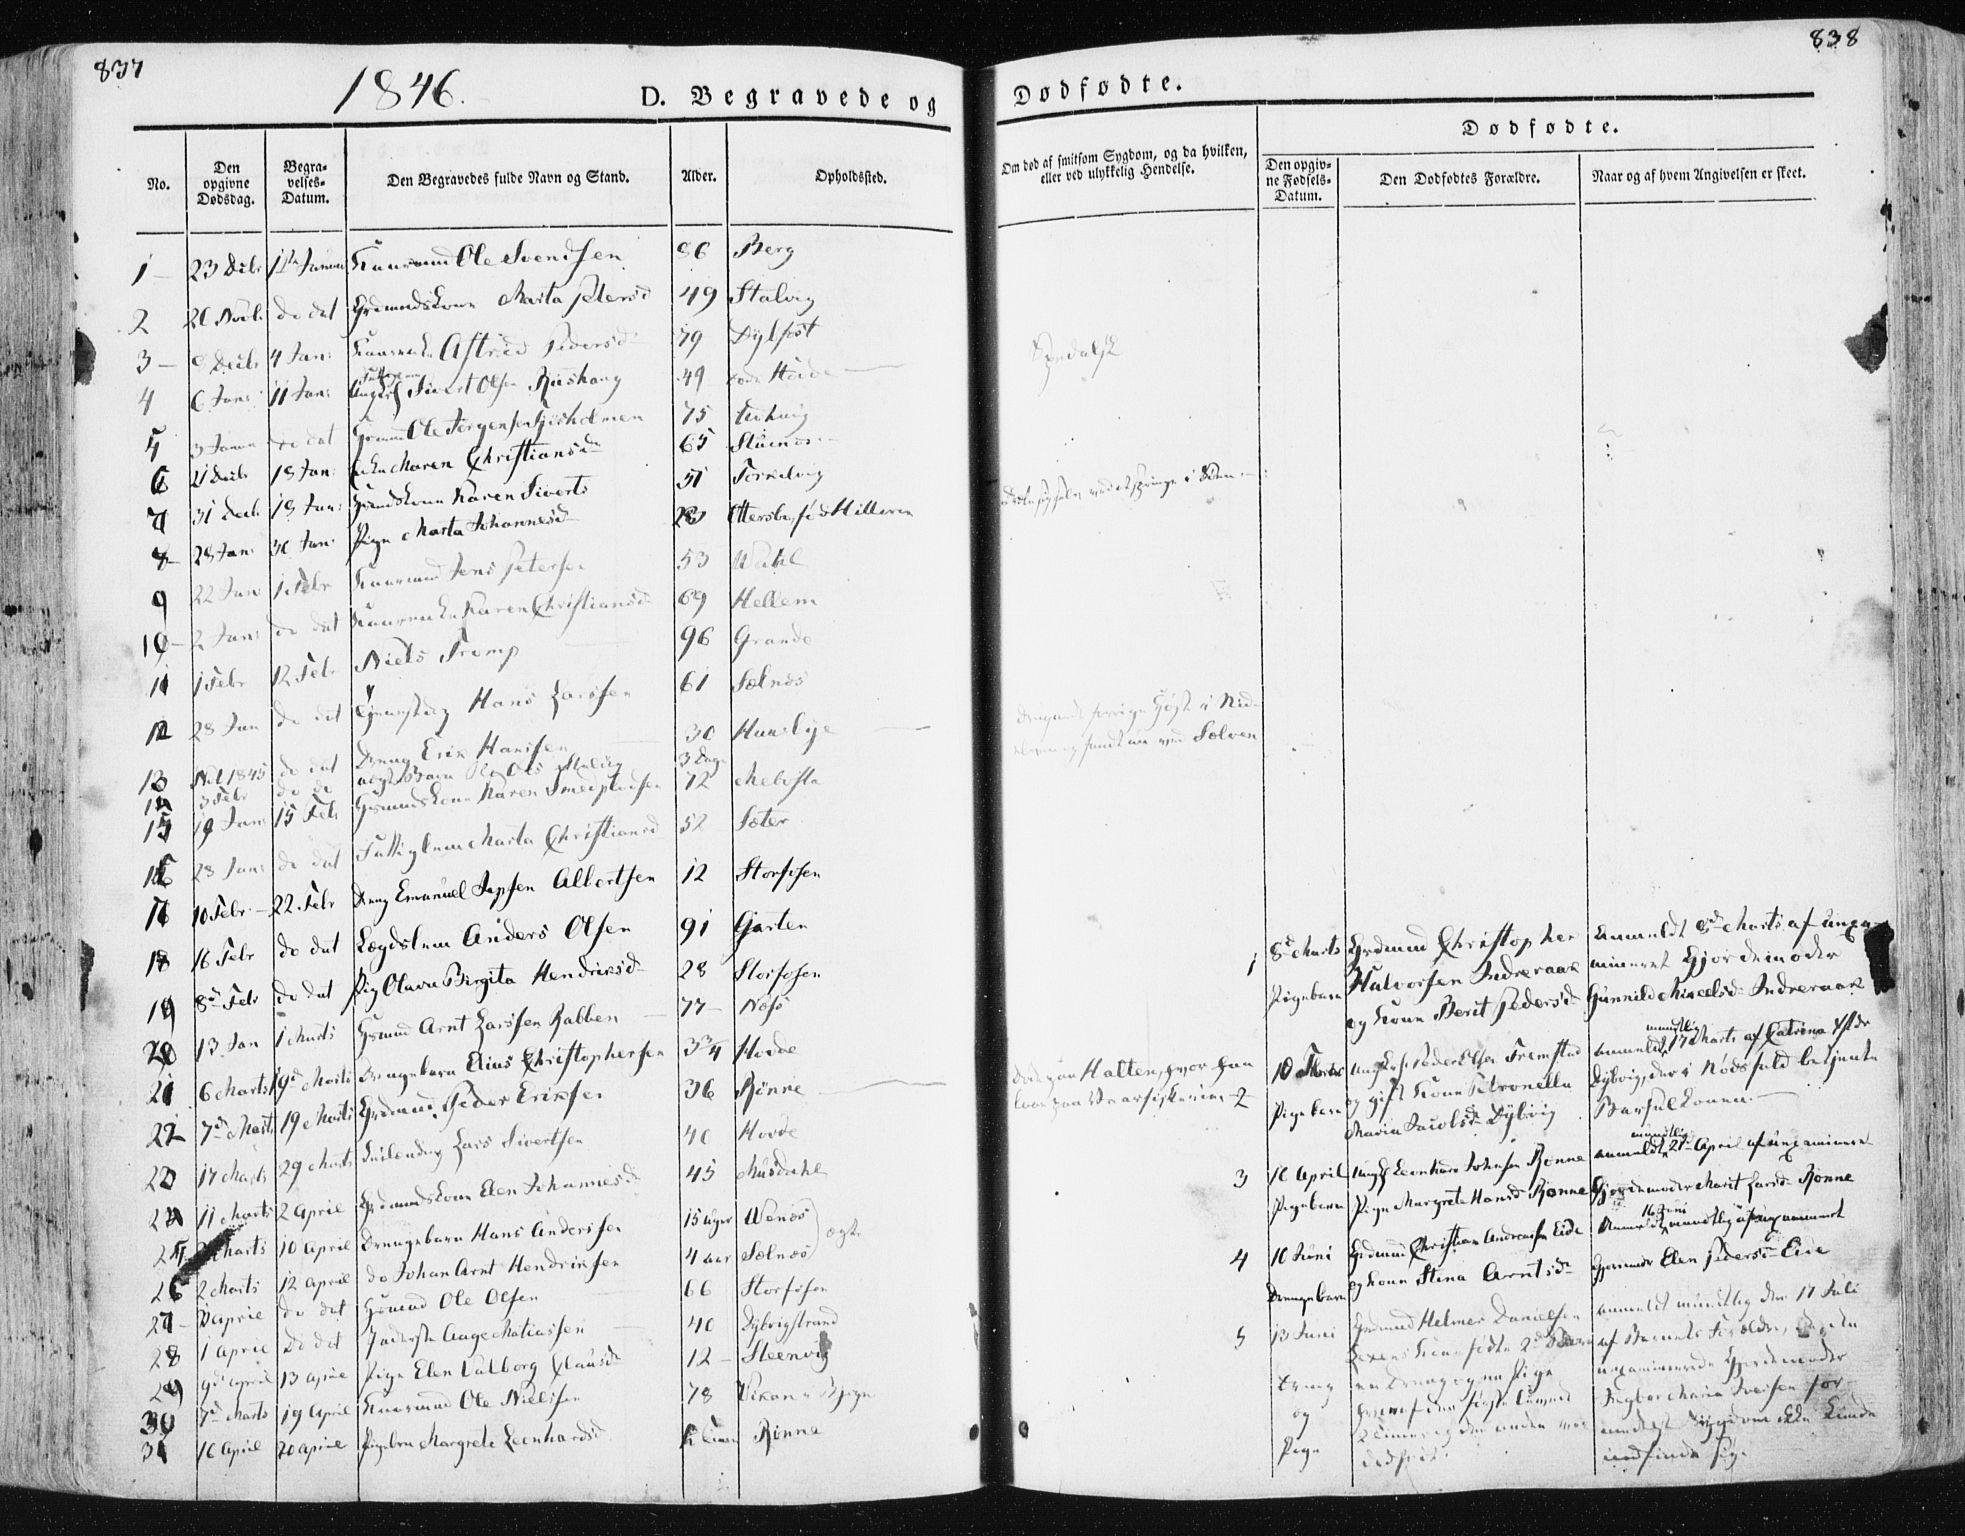 SAT, Ministerialprotokoller, klokkerbøker og fødselsregistre - Sør-Trøndelag, 659/L0736: Ministerialbok nr. 659A06, 1842-1856, s. 837-838